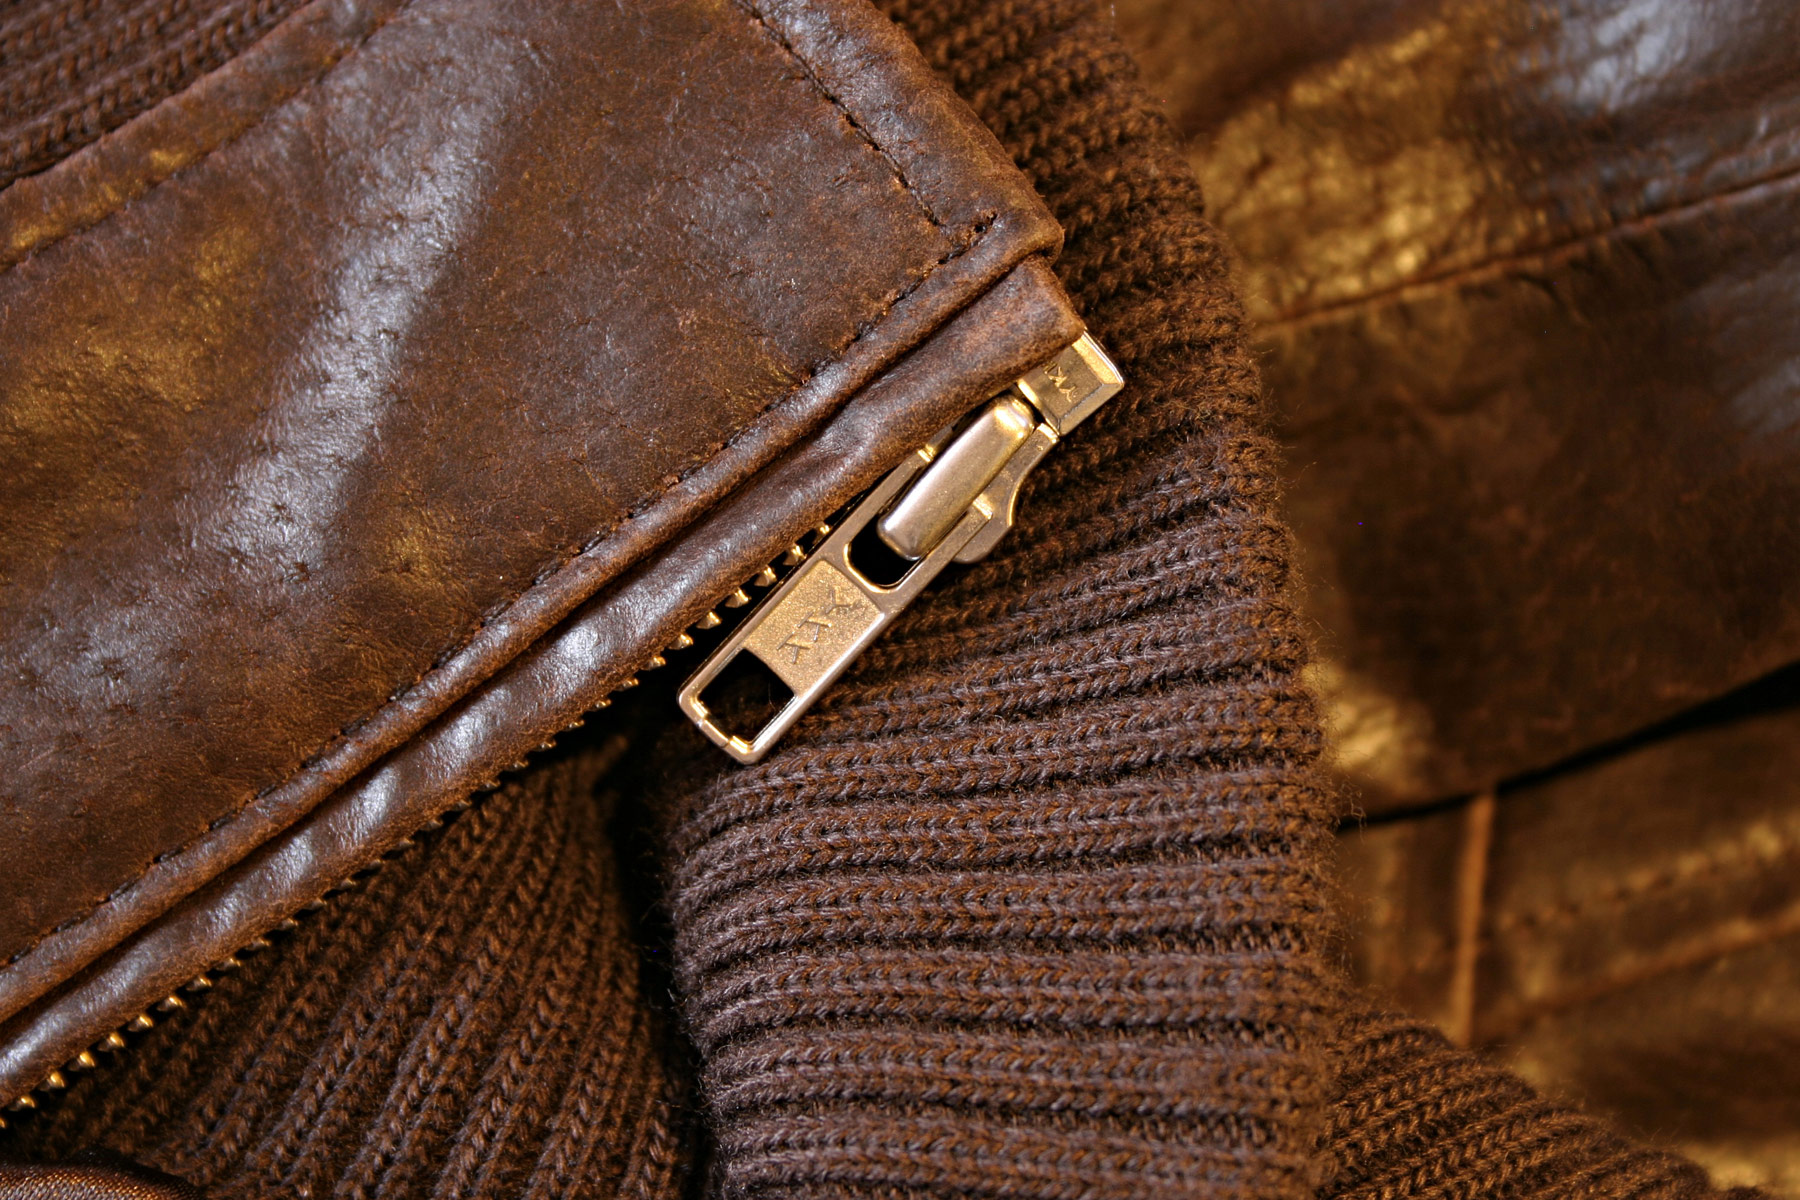 Zipper, Zipper